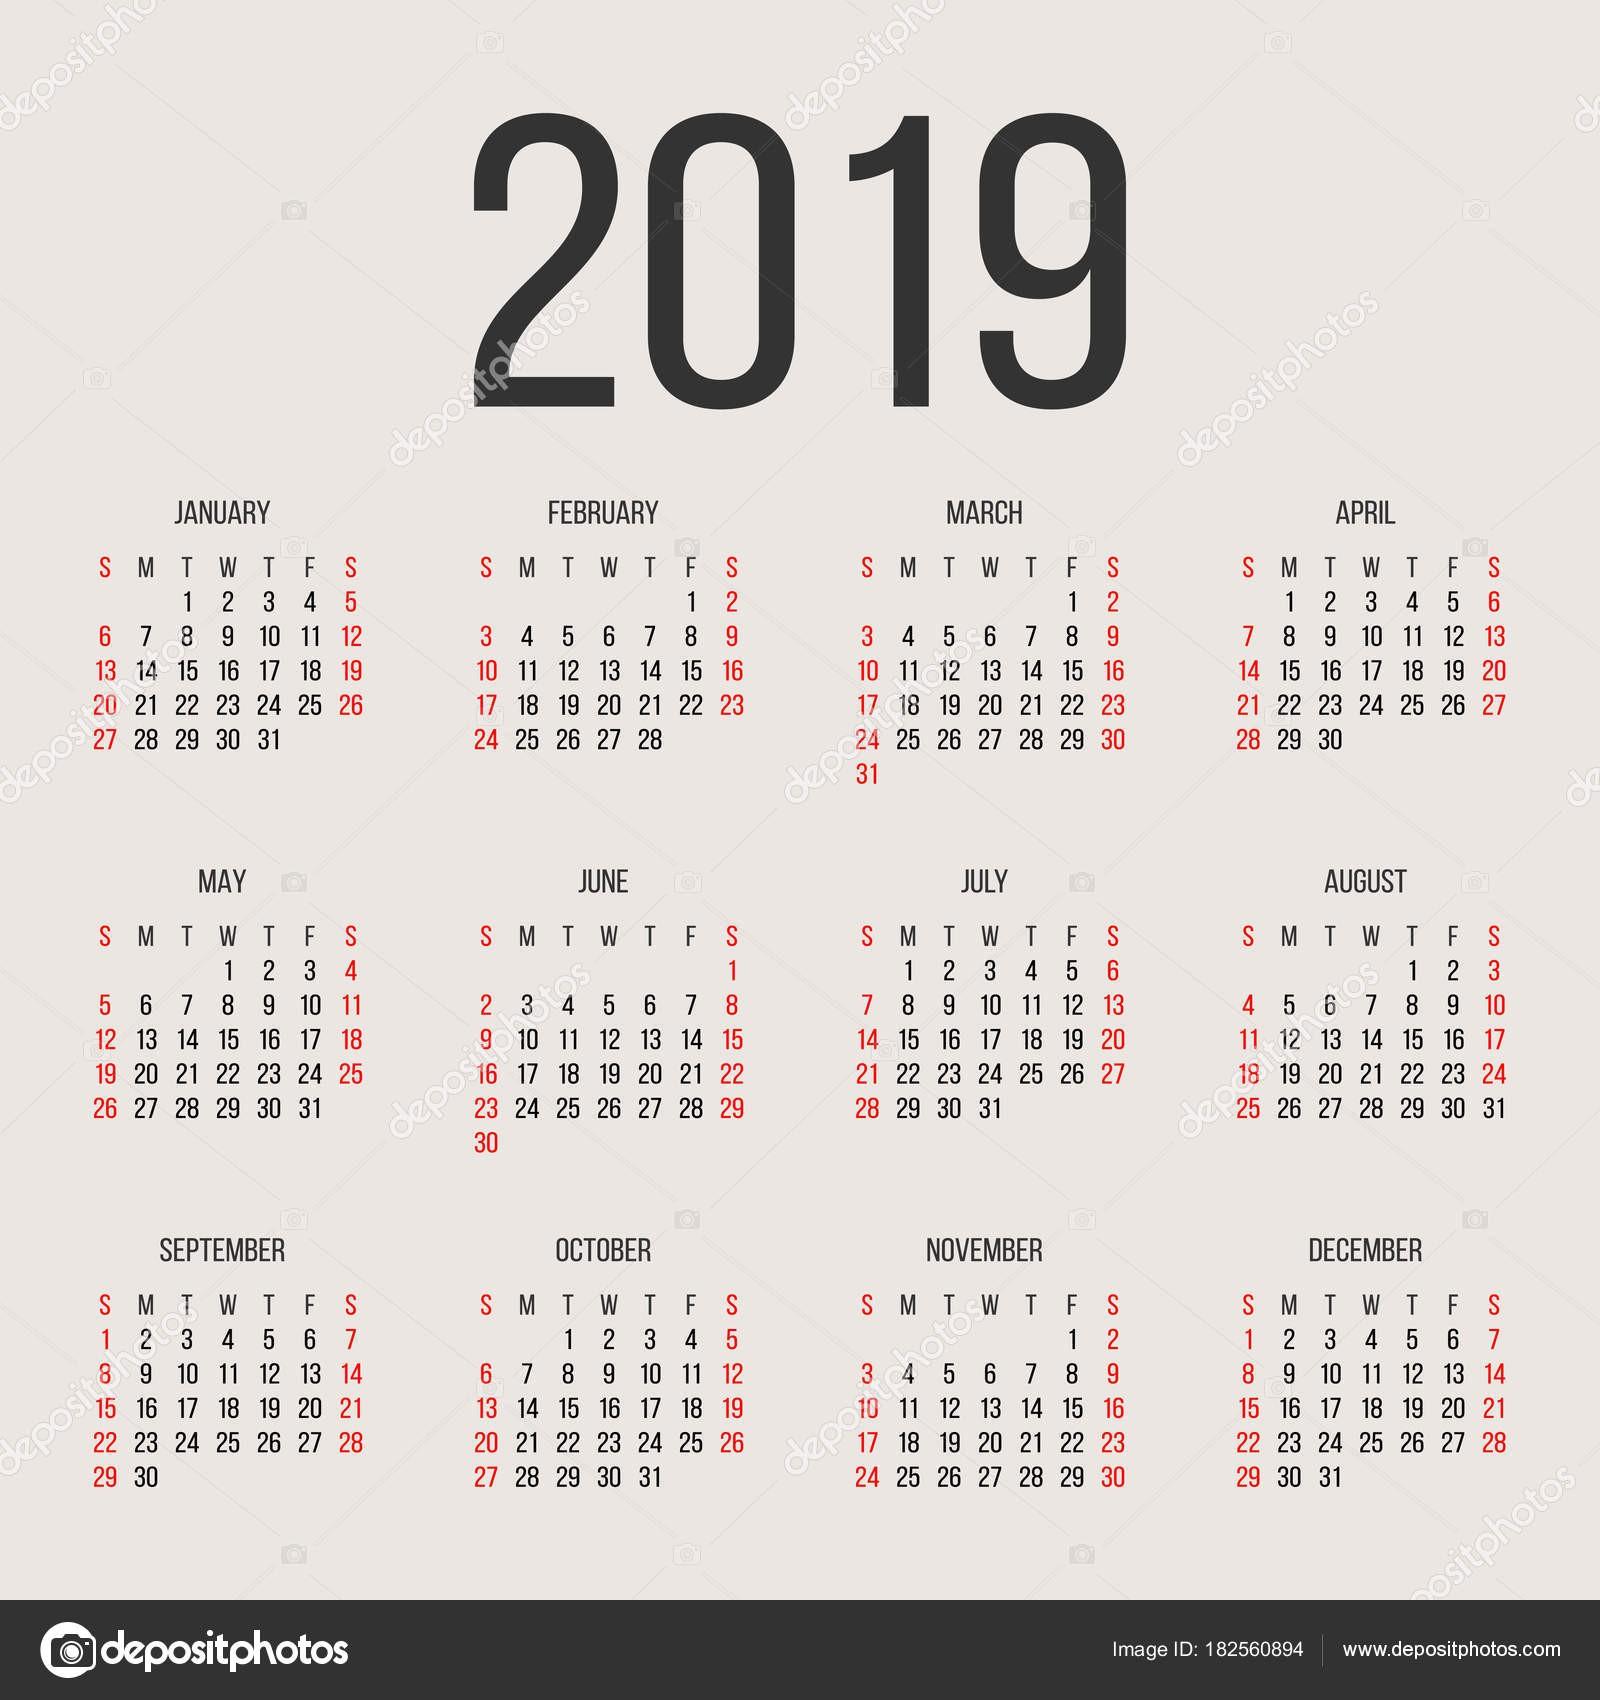 Kalendarzowy 2019 roku wektor szablon projektu Rok kalendarzowy 2019 proste Wektor koło kalendarzowy 2019 Tydzień zaczyna się od niedzieli i kończą w